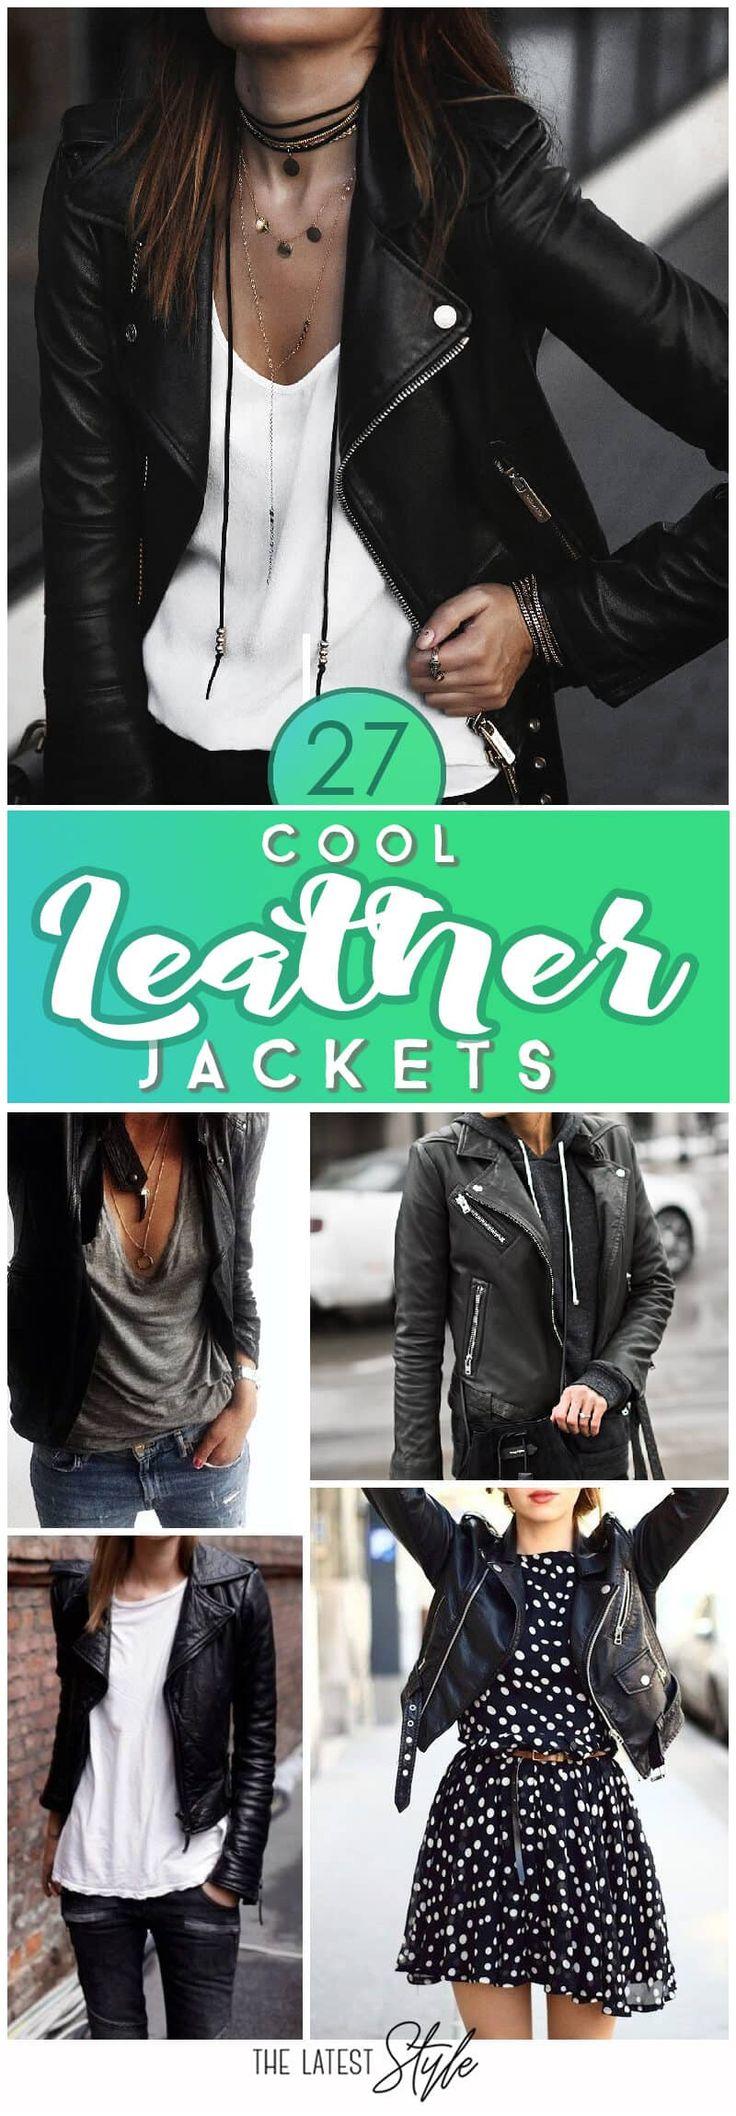 27 coole Lederjacke-Outfits für diesen Herbst